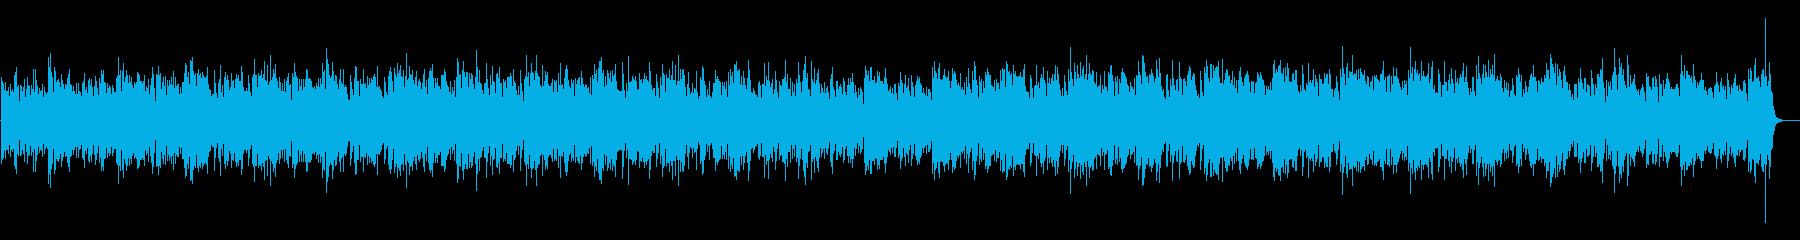 企業VP・ハイテク製品・技術解説・室内楽の再生済みの波形